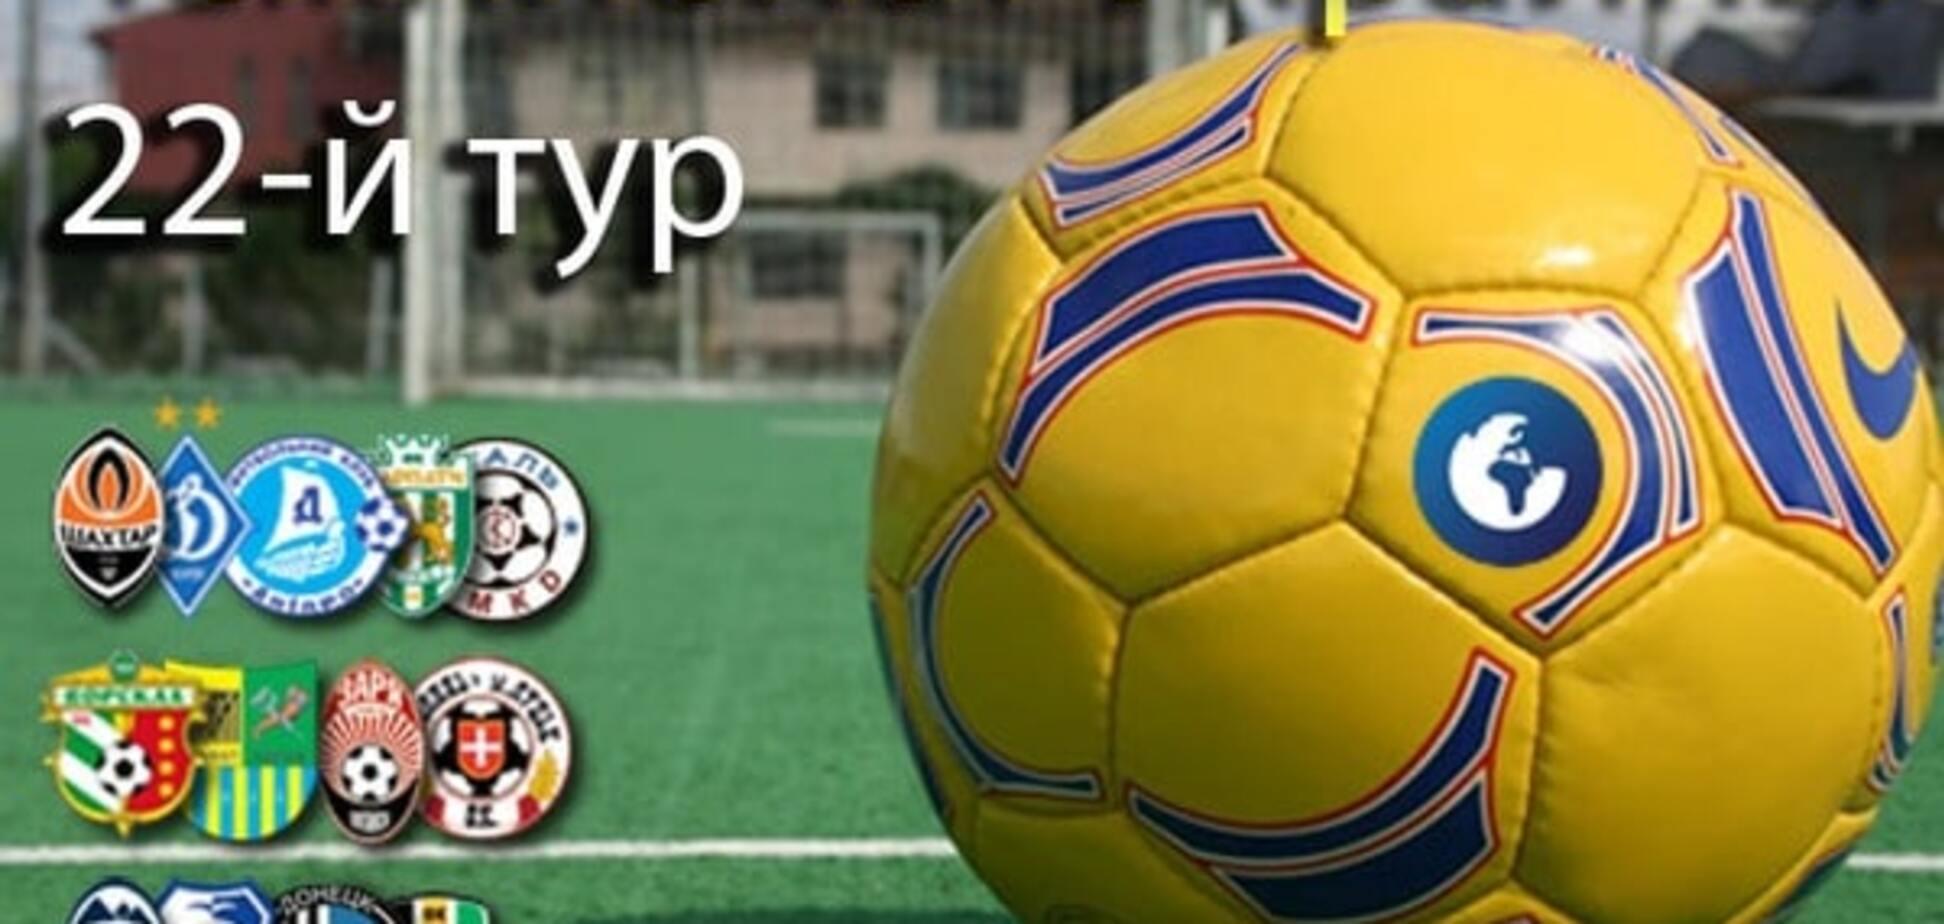 Де дивитися матчі 22-го туру чемпіонату України: розклад трансляцій